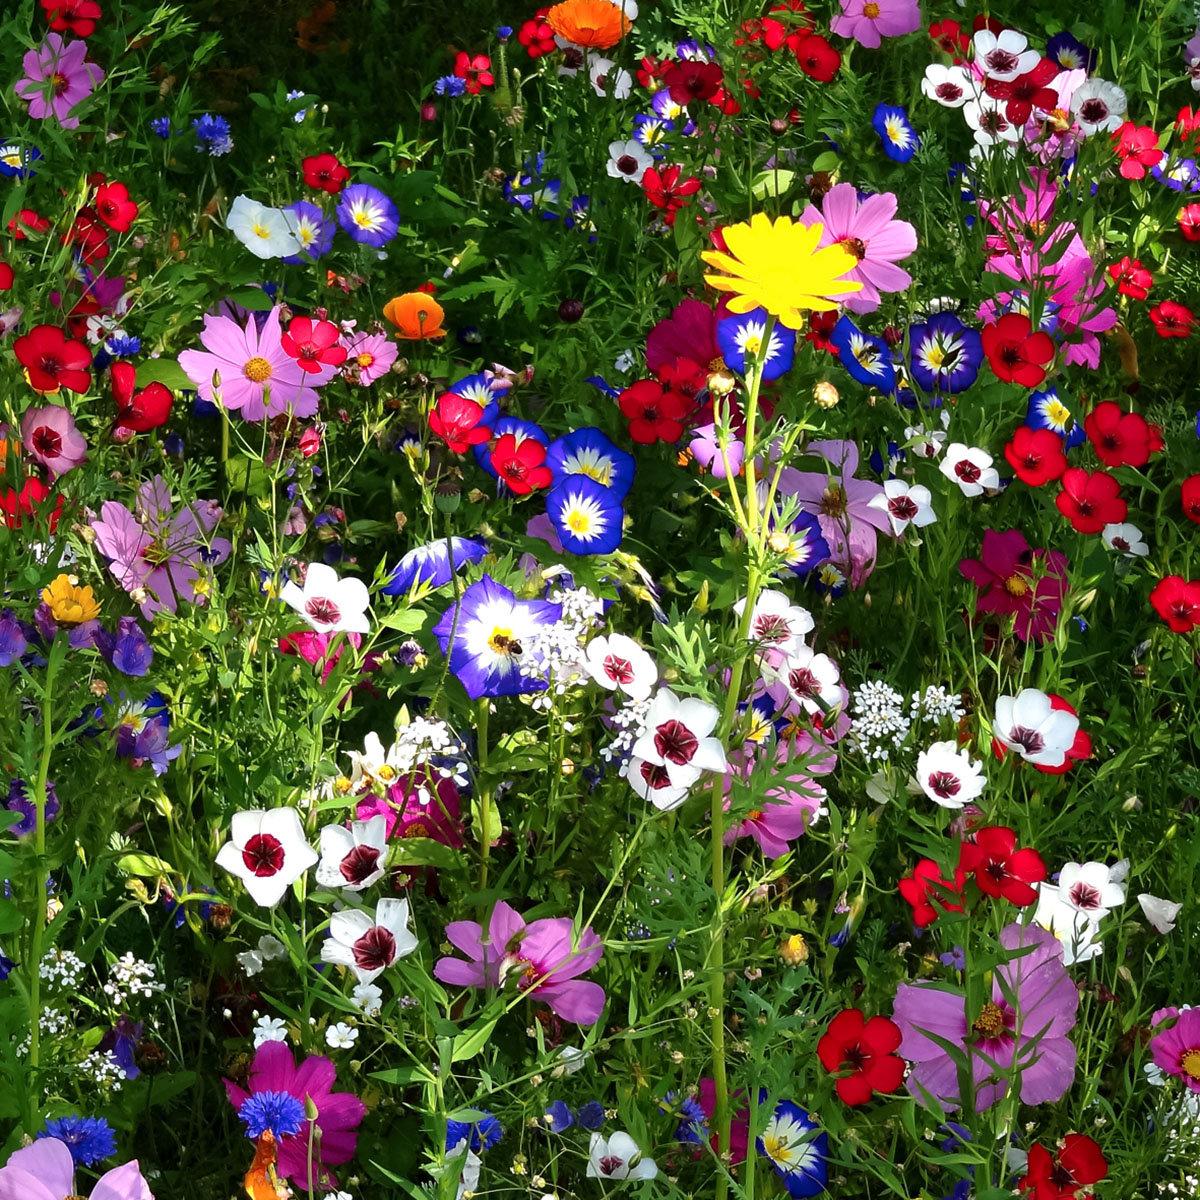 Blumensamen-Mischung Original Mössinger Sommer für 3 qm | #6